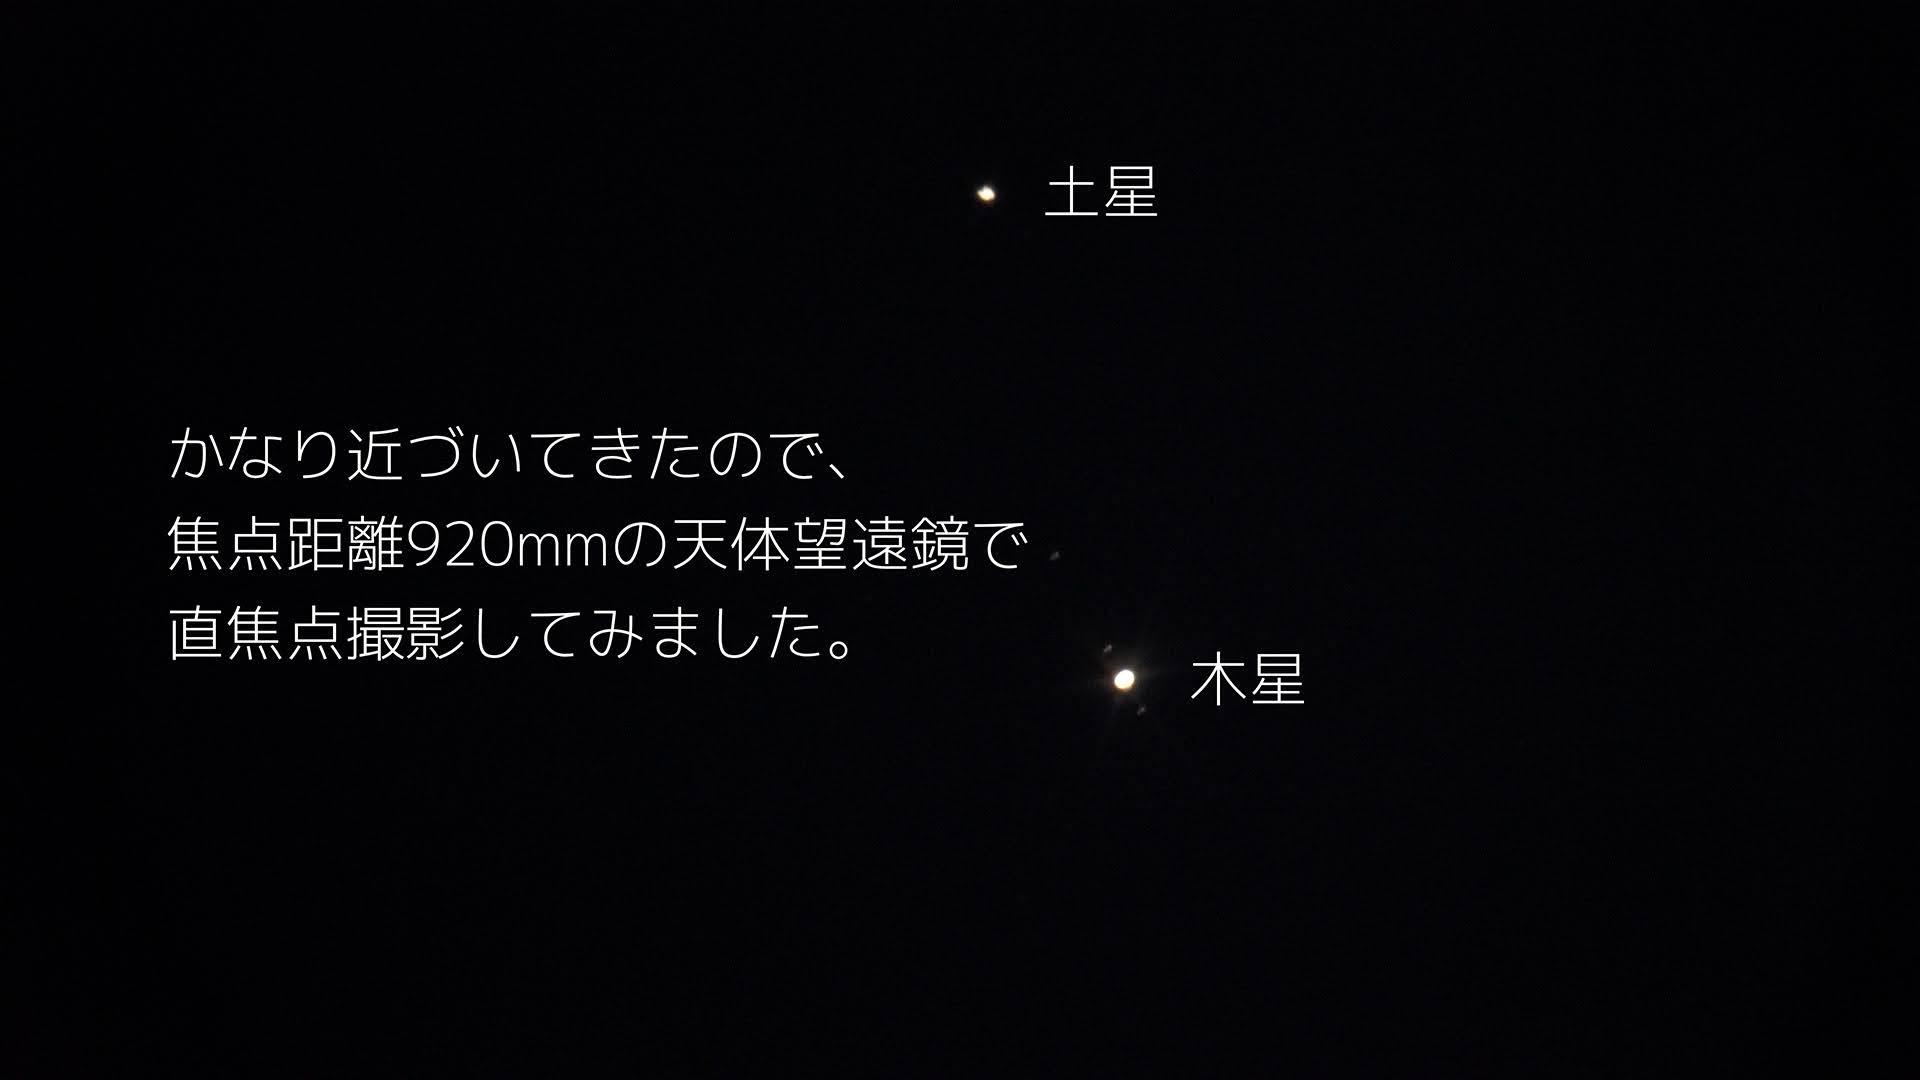 約800年ぶりに木星と土星が接近中:焦点距離920mmの天体望遠鏡で撮影